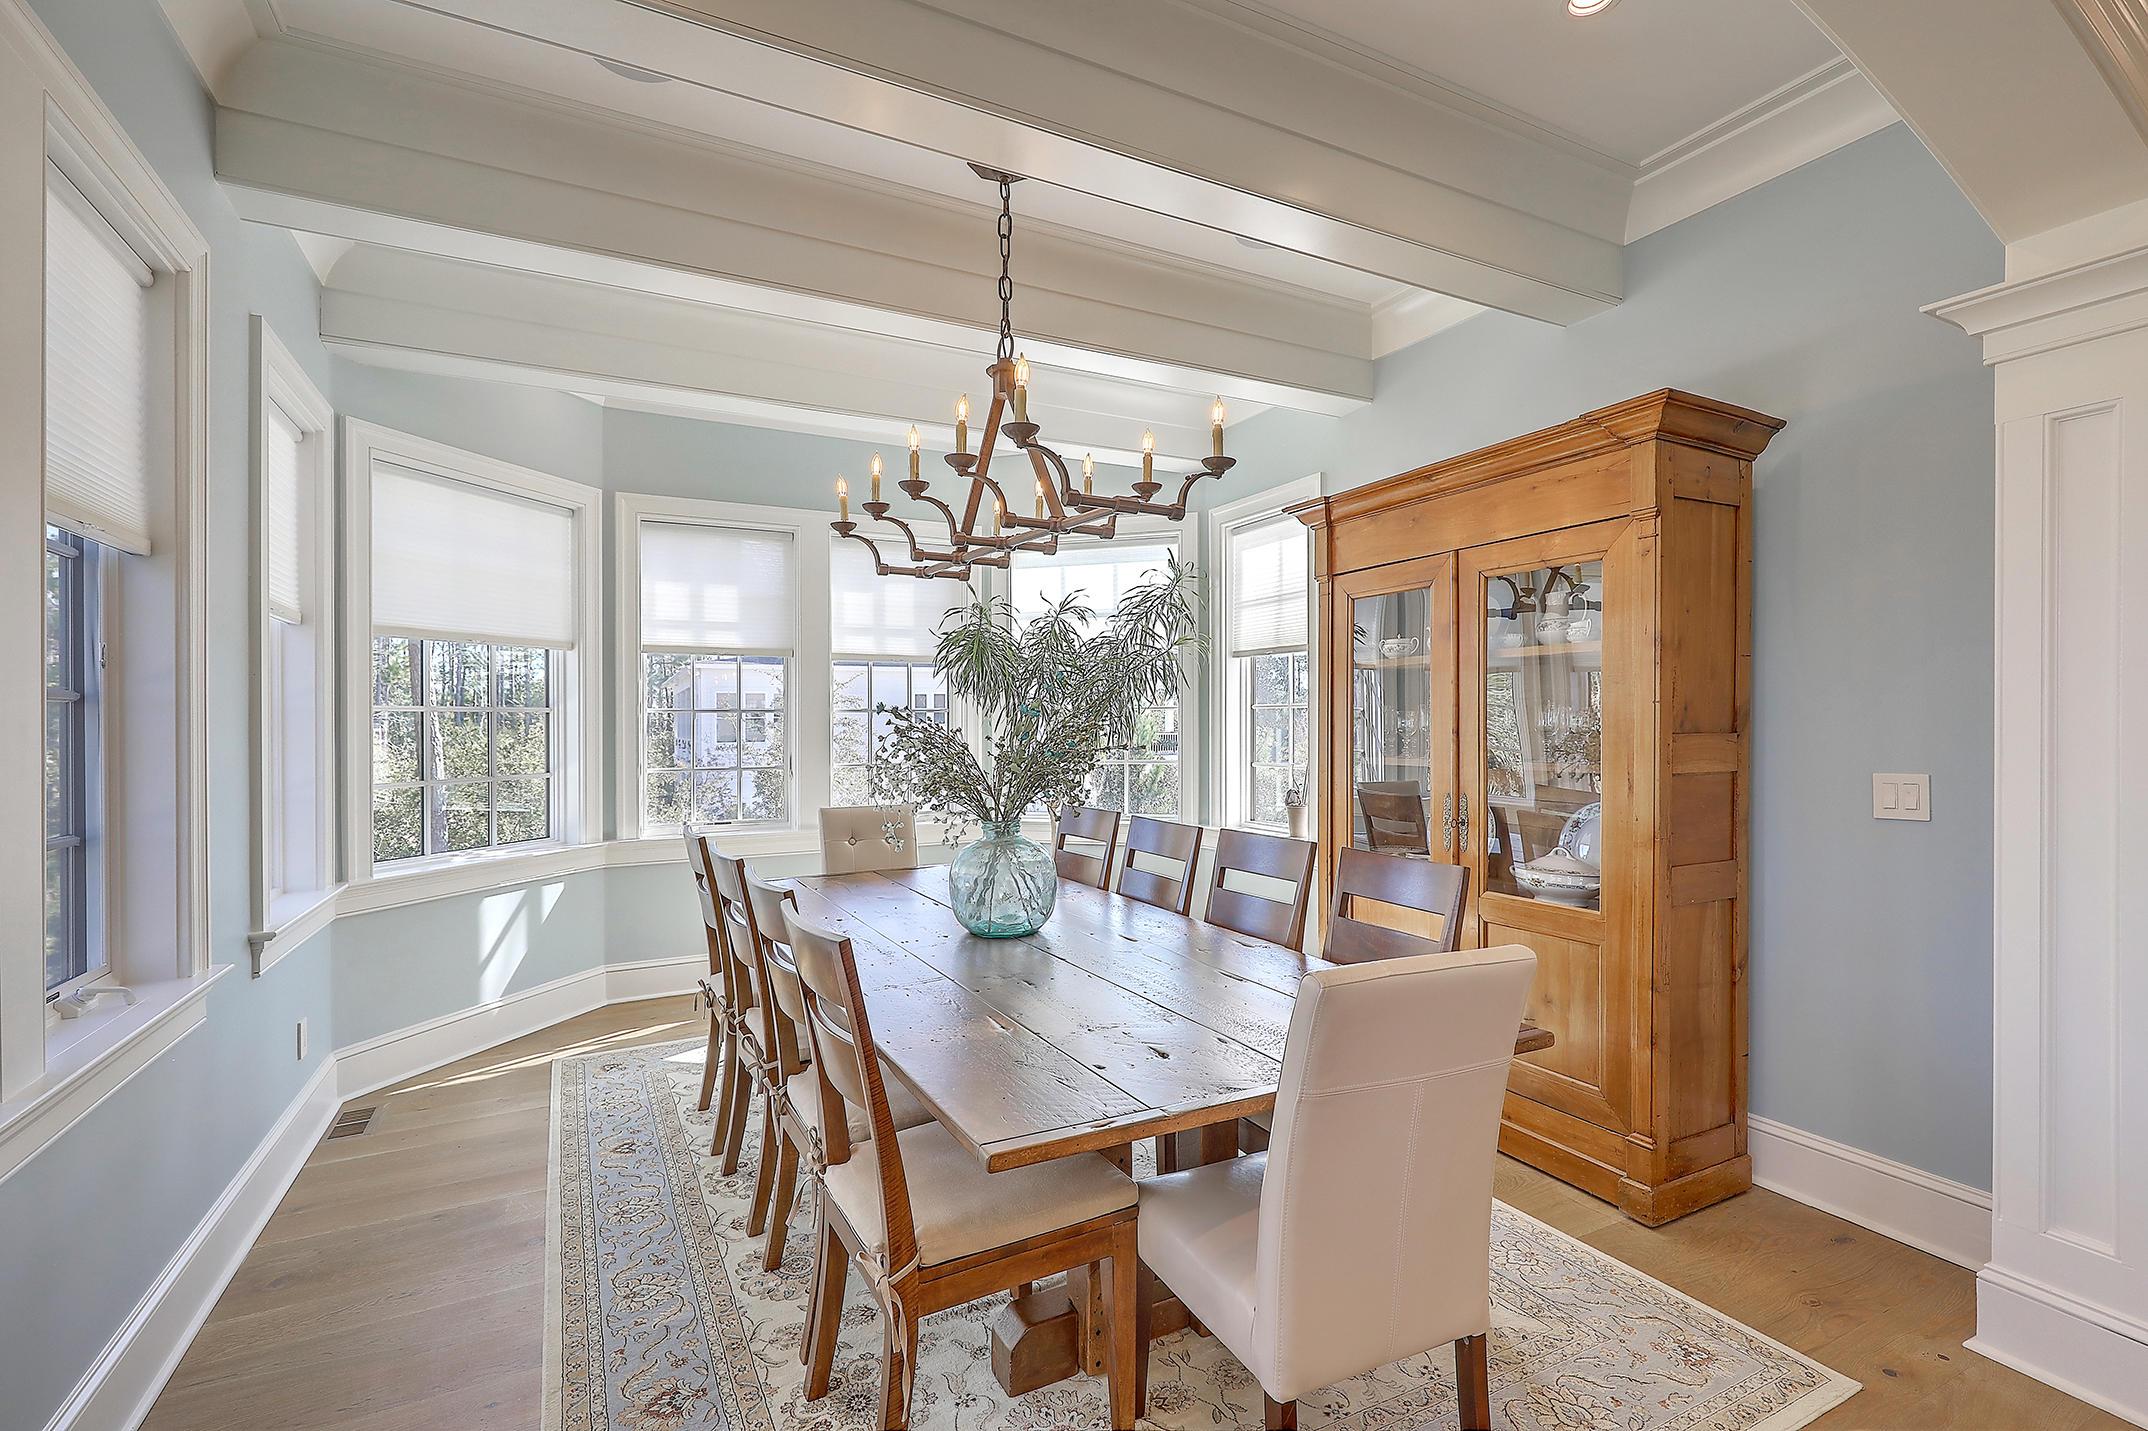 Park West Homes For Sale - 3905 Ashton Shore, Mount Pleasant, SC - 73